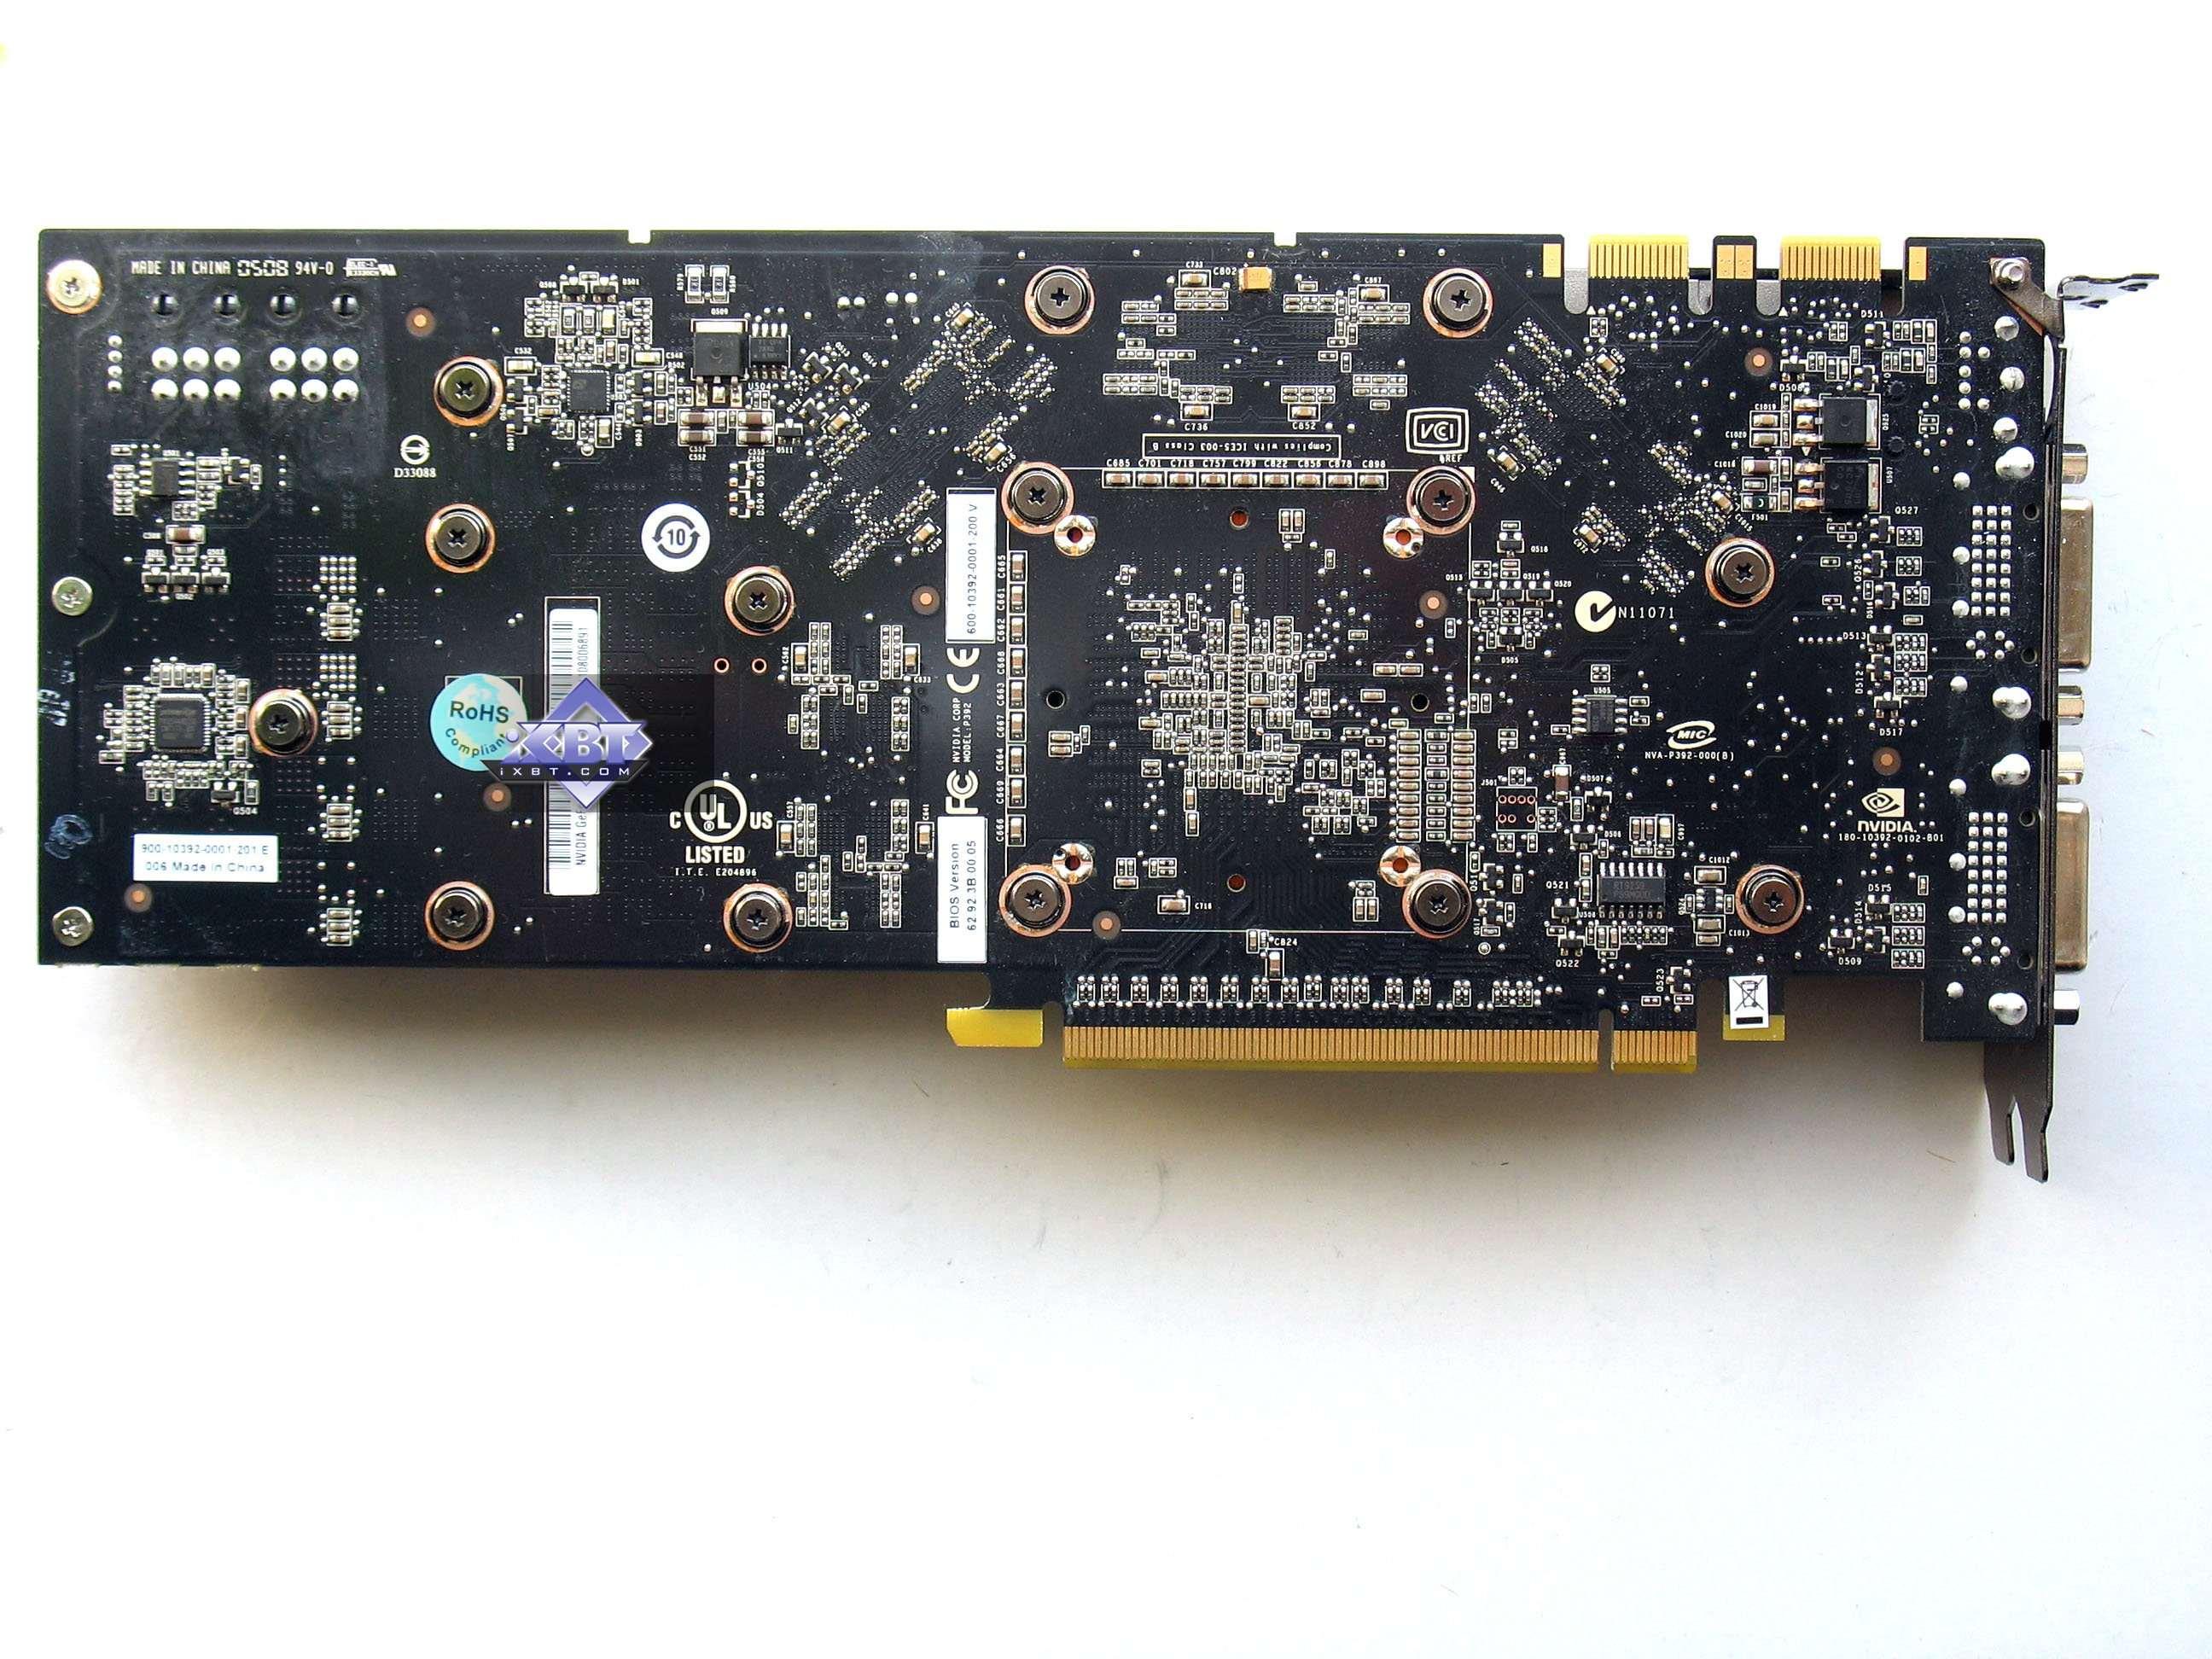 Geforce 9800 gt: идеальная видеокарта для несравненных впечатлений.